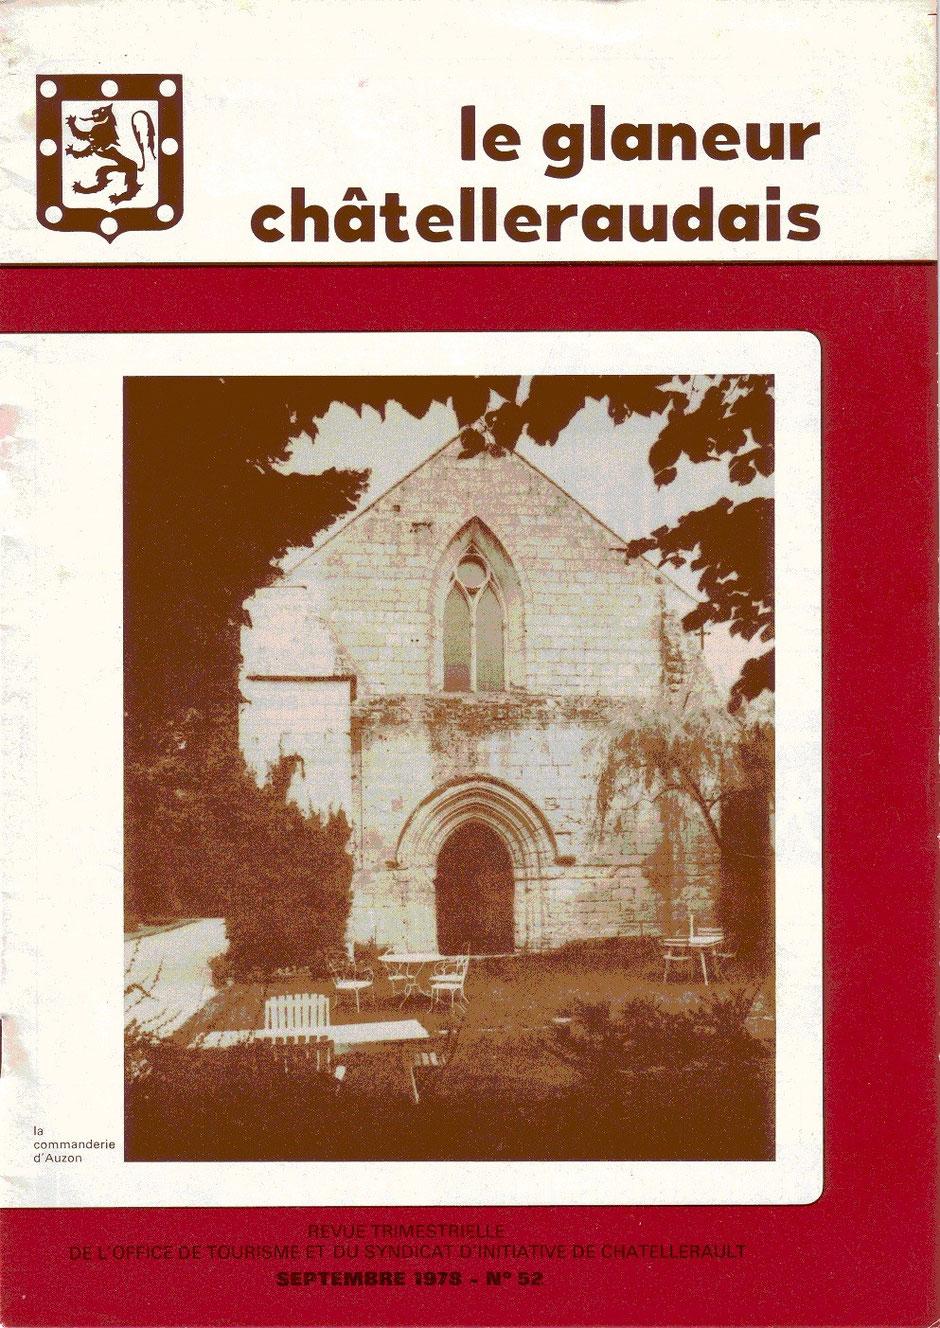 Le Glaneur Châtelleraudais – n° 52 – La commanderie d'Auzon - 1978 - couverture montrant la façade de la chapelle de la commanderie d'Auzon